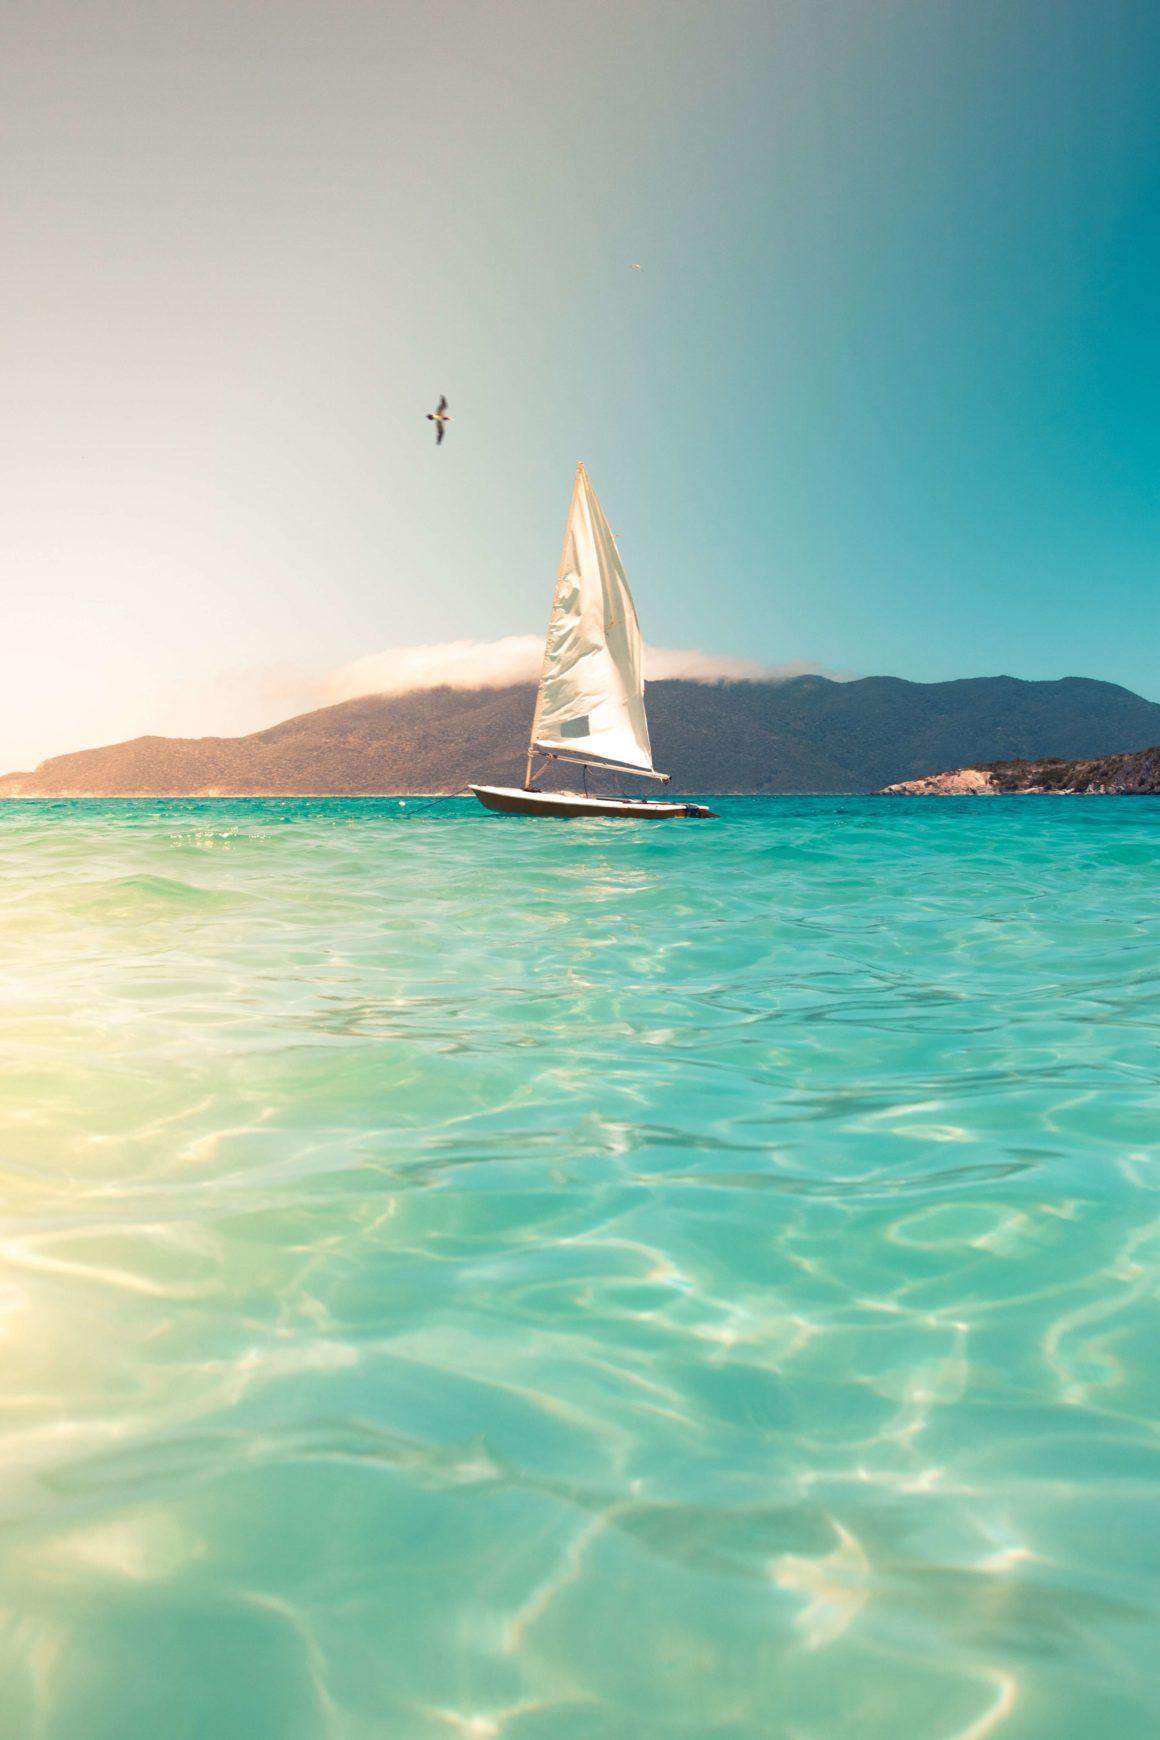 Ruta de navegación en aguas turquesas